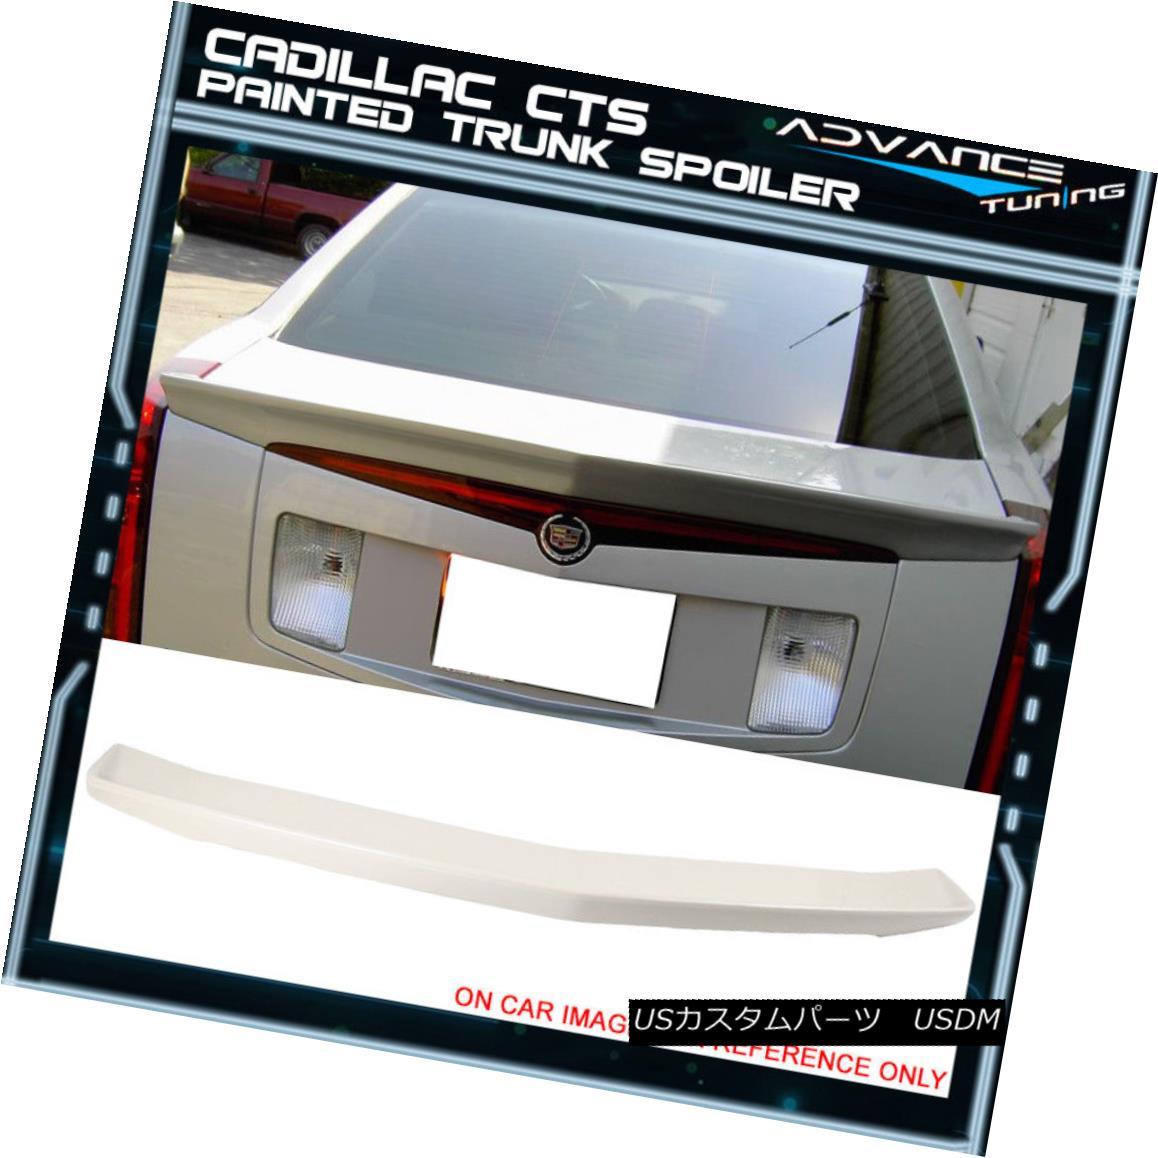 エアロパーツ 03-07 Cadillac CTS Sedan Trunk Spoiler OEM Painted #WA800J White Diamond Pearl 03-07キャデラックCTSセダントランクスポイラーOEM塗装#WA800Jホワイトダイヤモンドパール